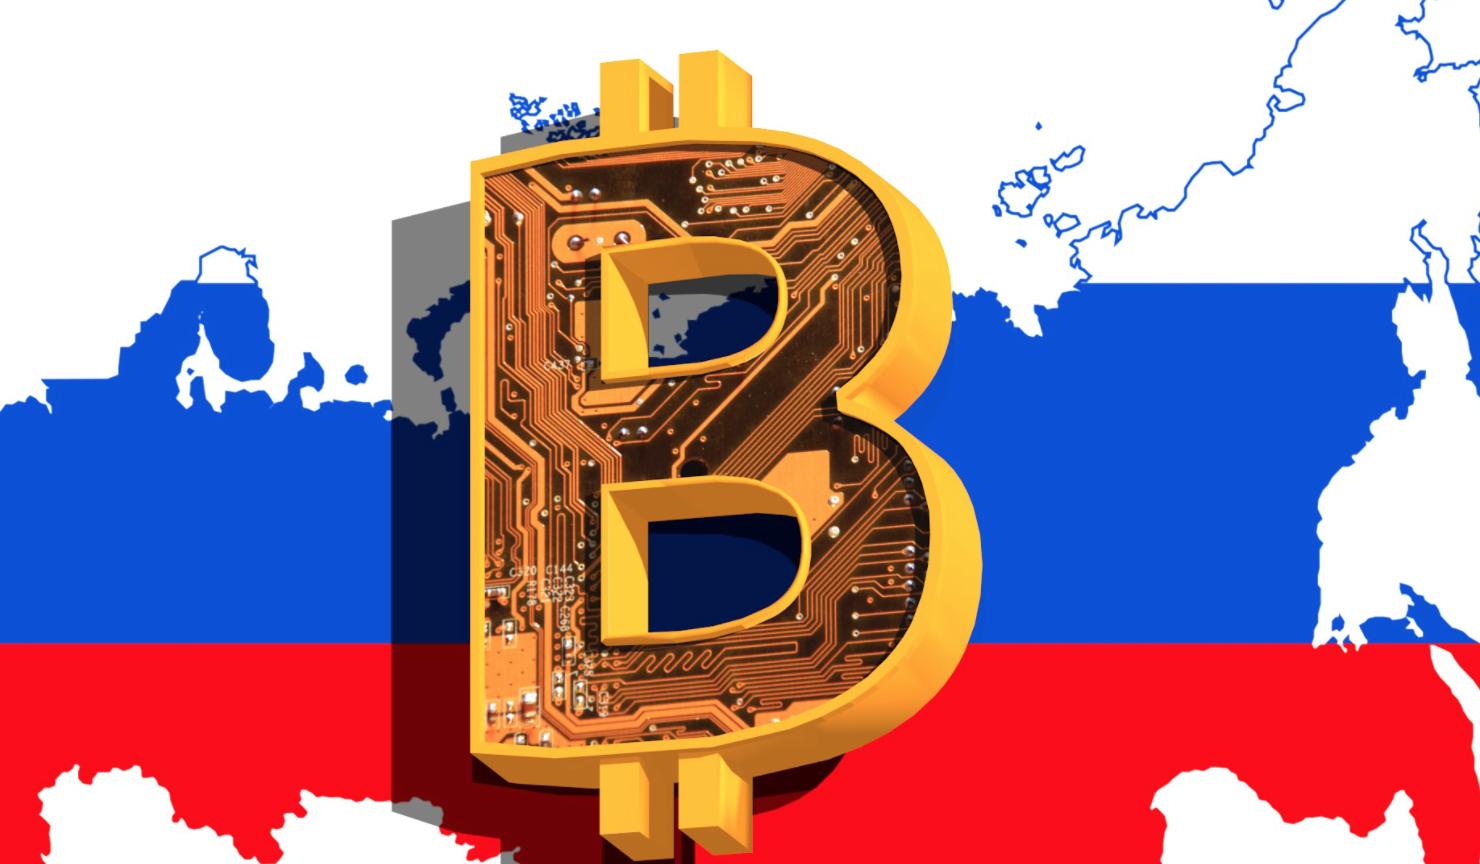 Russische crypto mijnbouw project